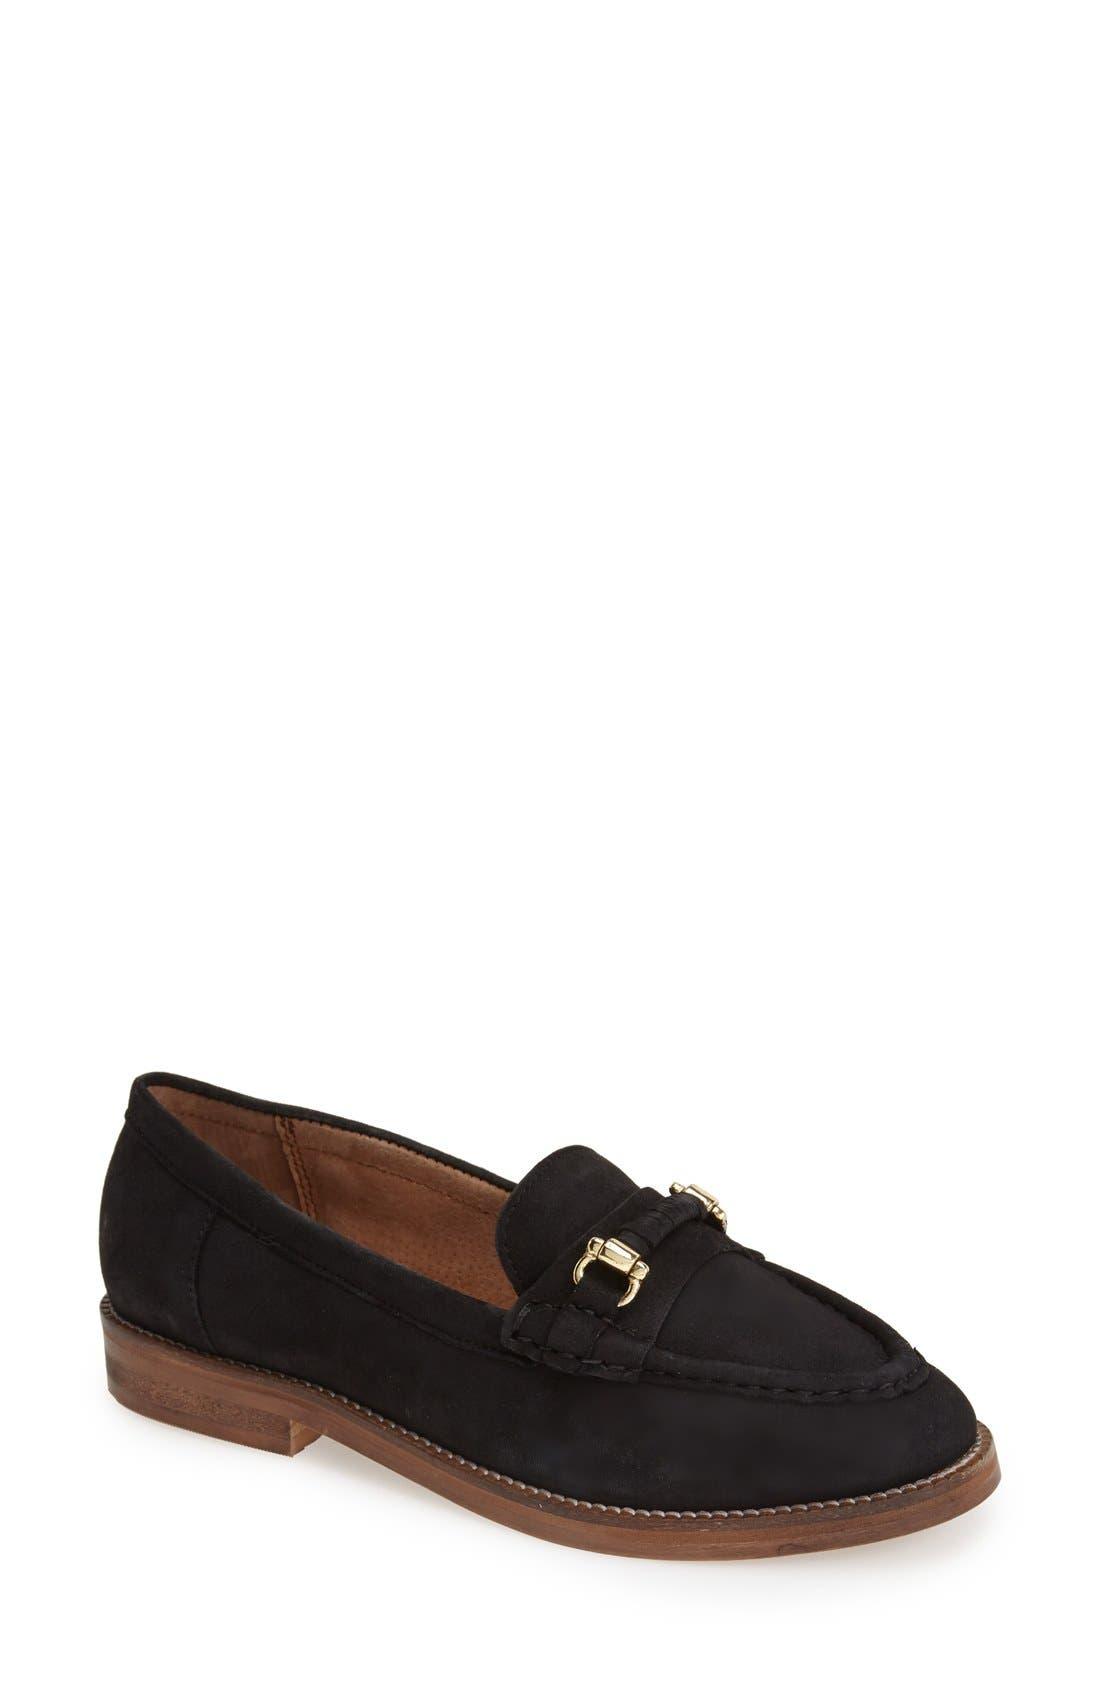 'Karma' Suede Horsebit Loafer,                         Main,                         color, Black